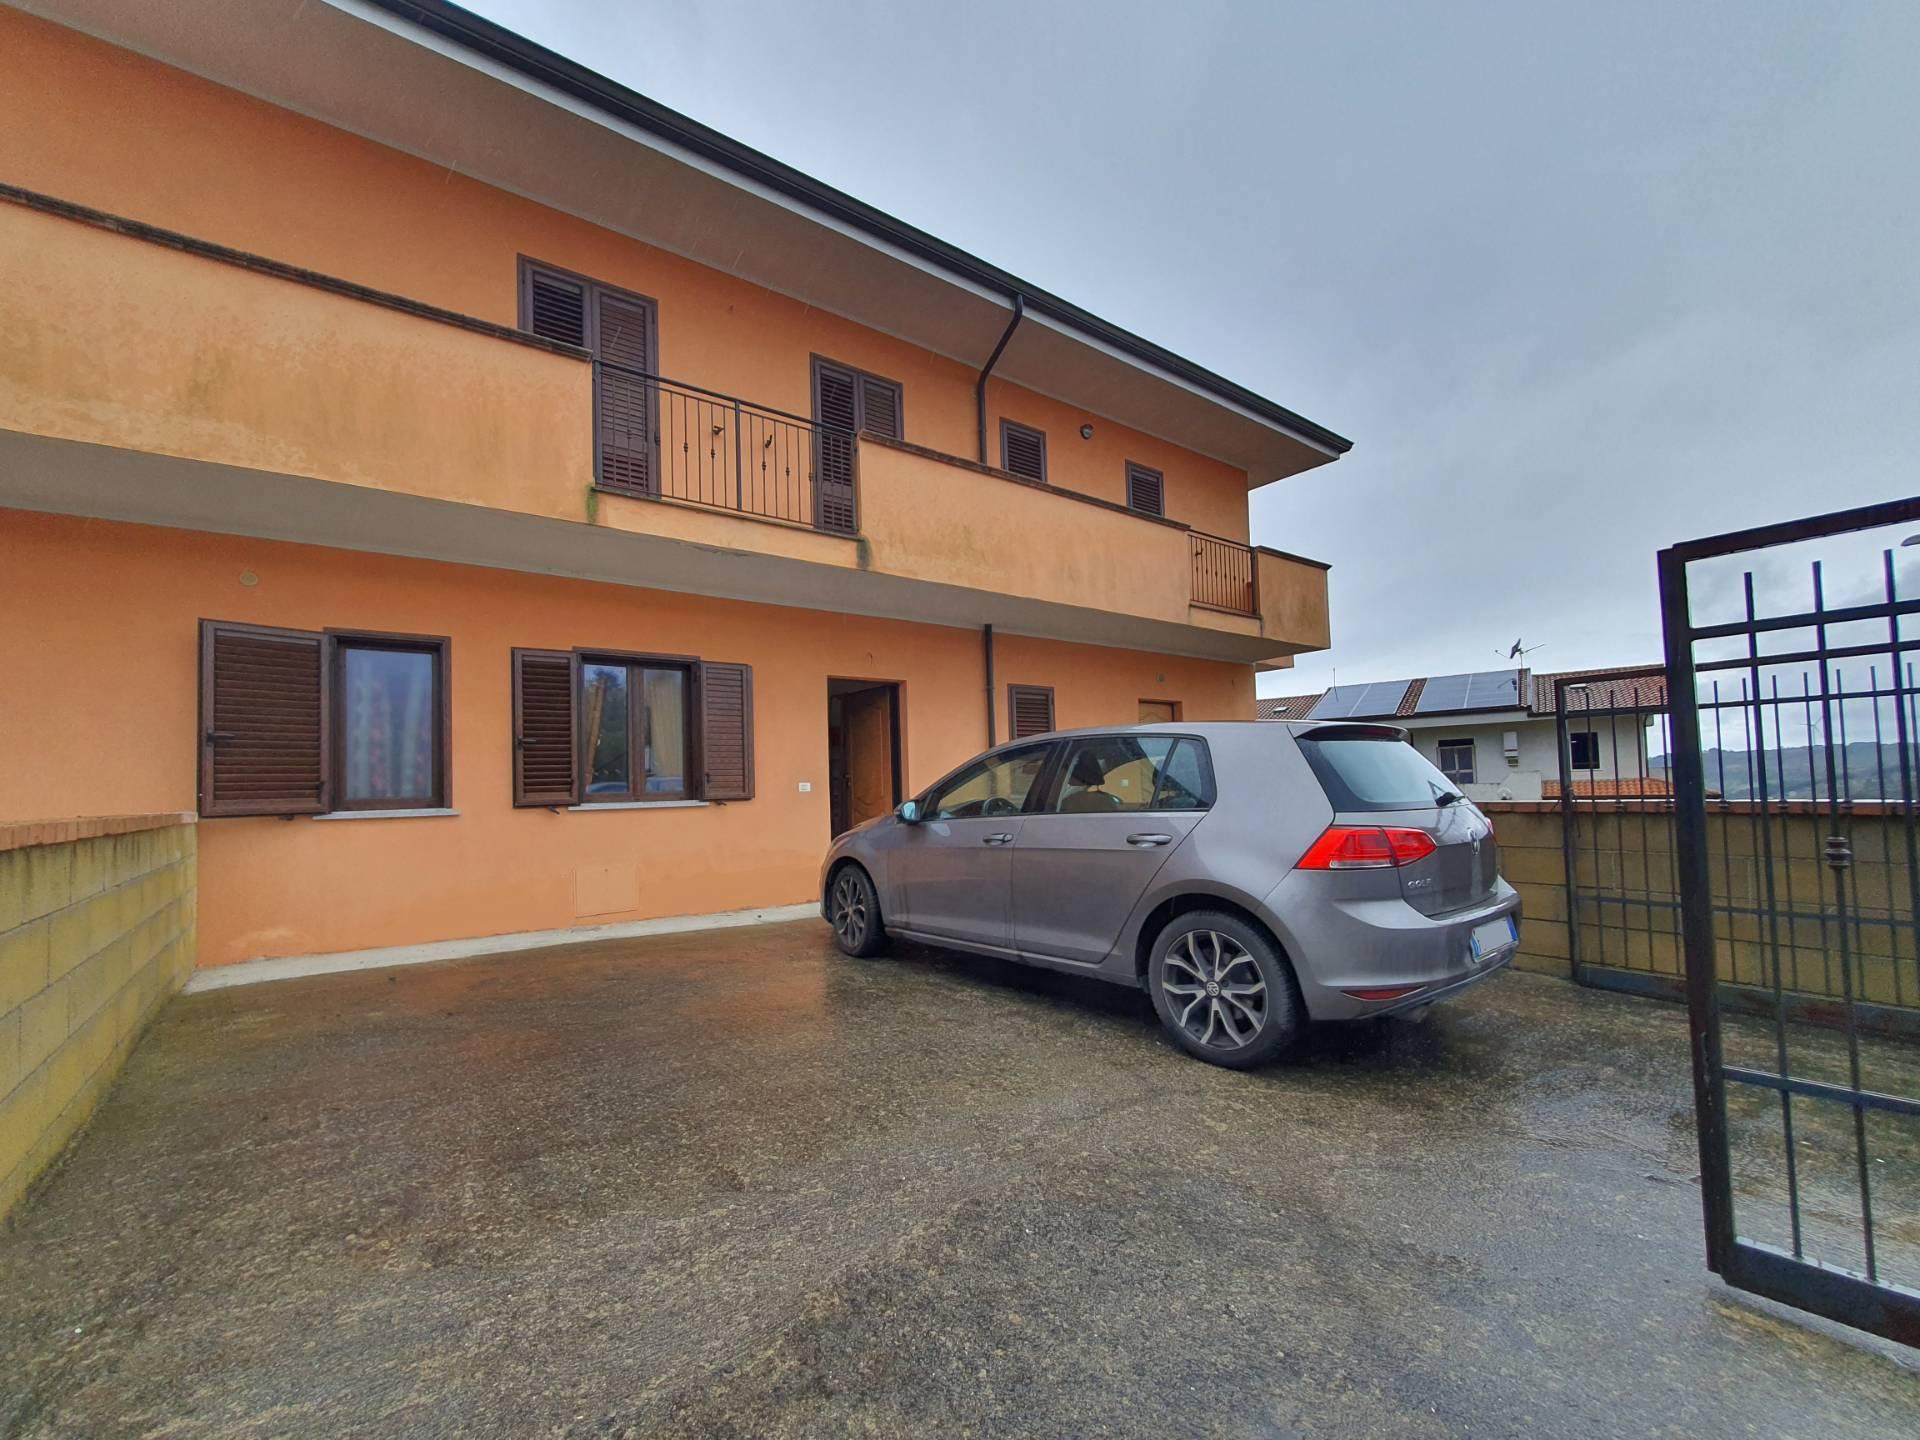 Villa a Schiera in vendita a Marcellinara, 4 locali, prezzo € 145.000 | CambioCasa.it